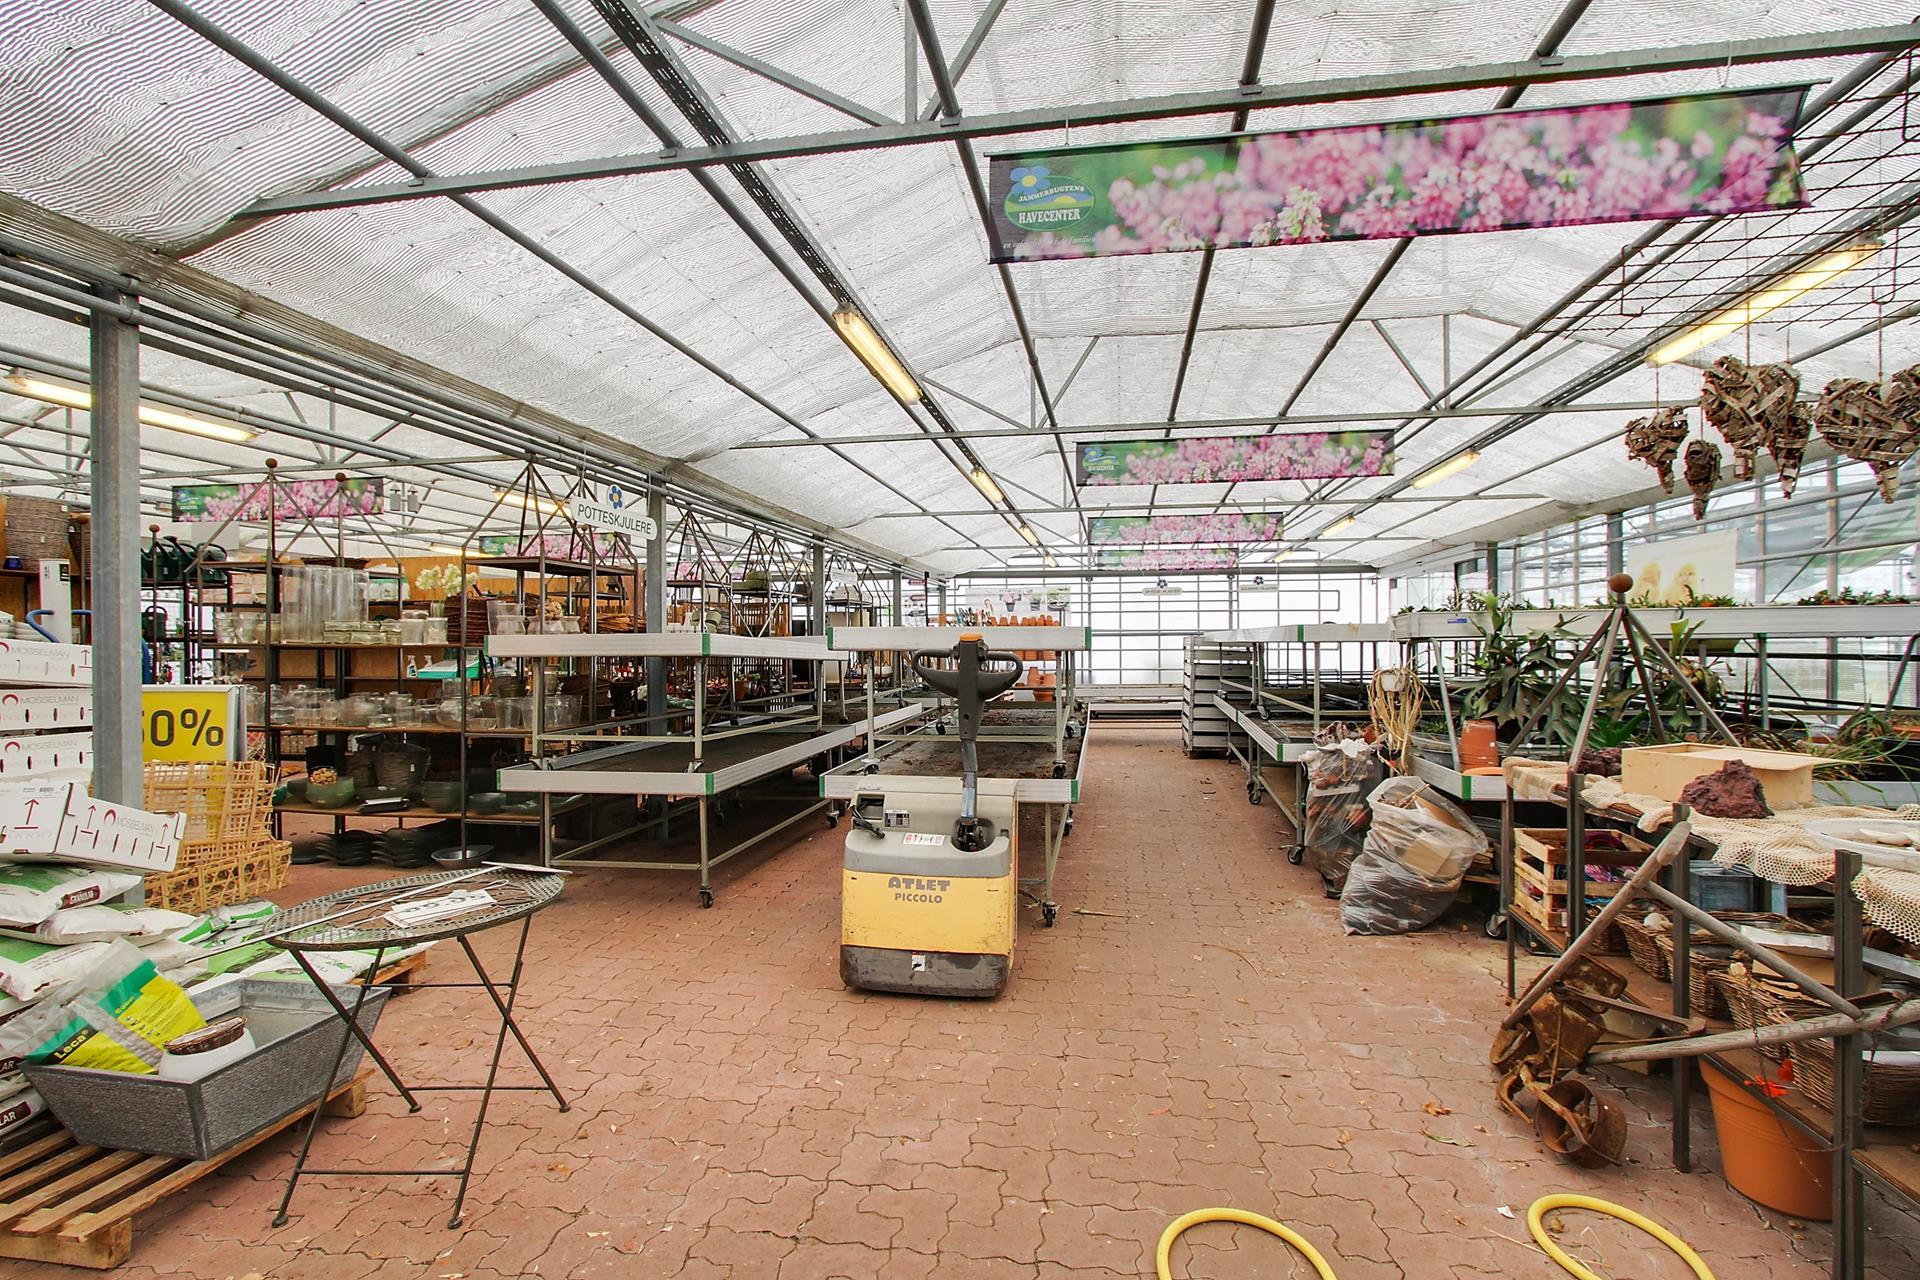 Bolig/erhverv på Aggersundvej i Fjerritslev - Forretningslokale